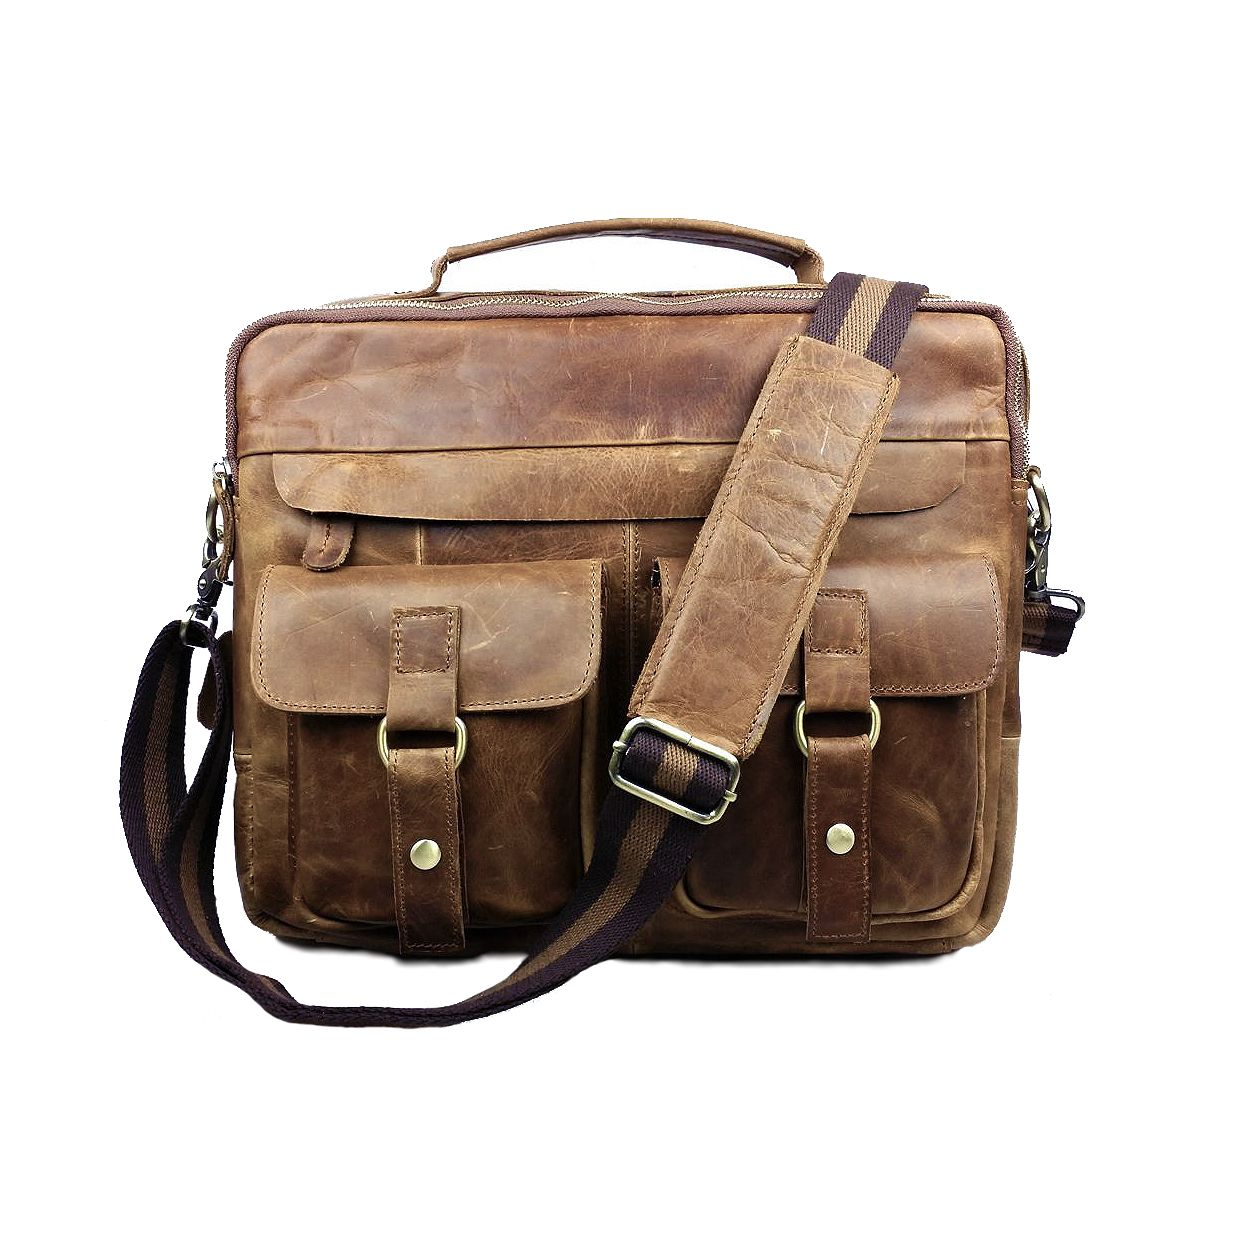 Ongebruikt Vintage lederen laptop tas voor mannen | Tas, Tassen, Laptop JH-54